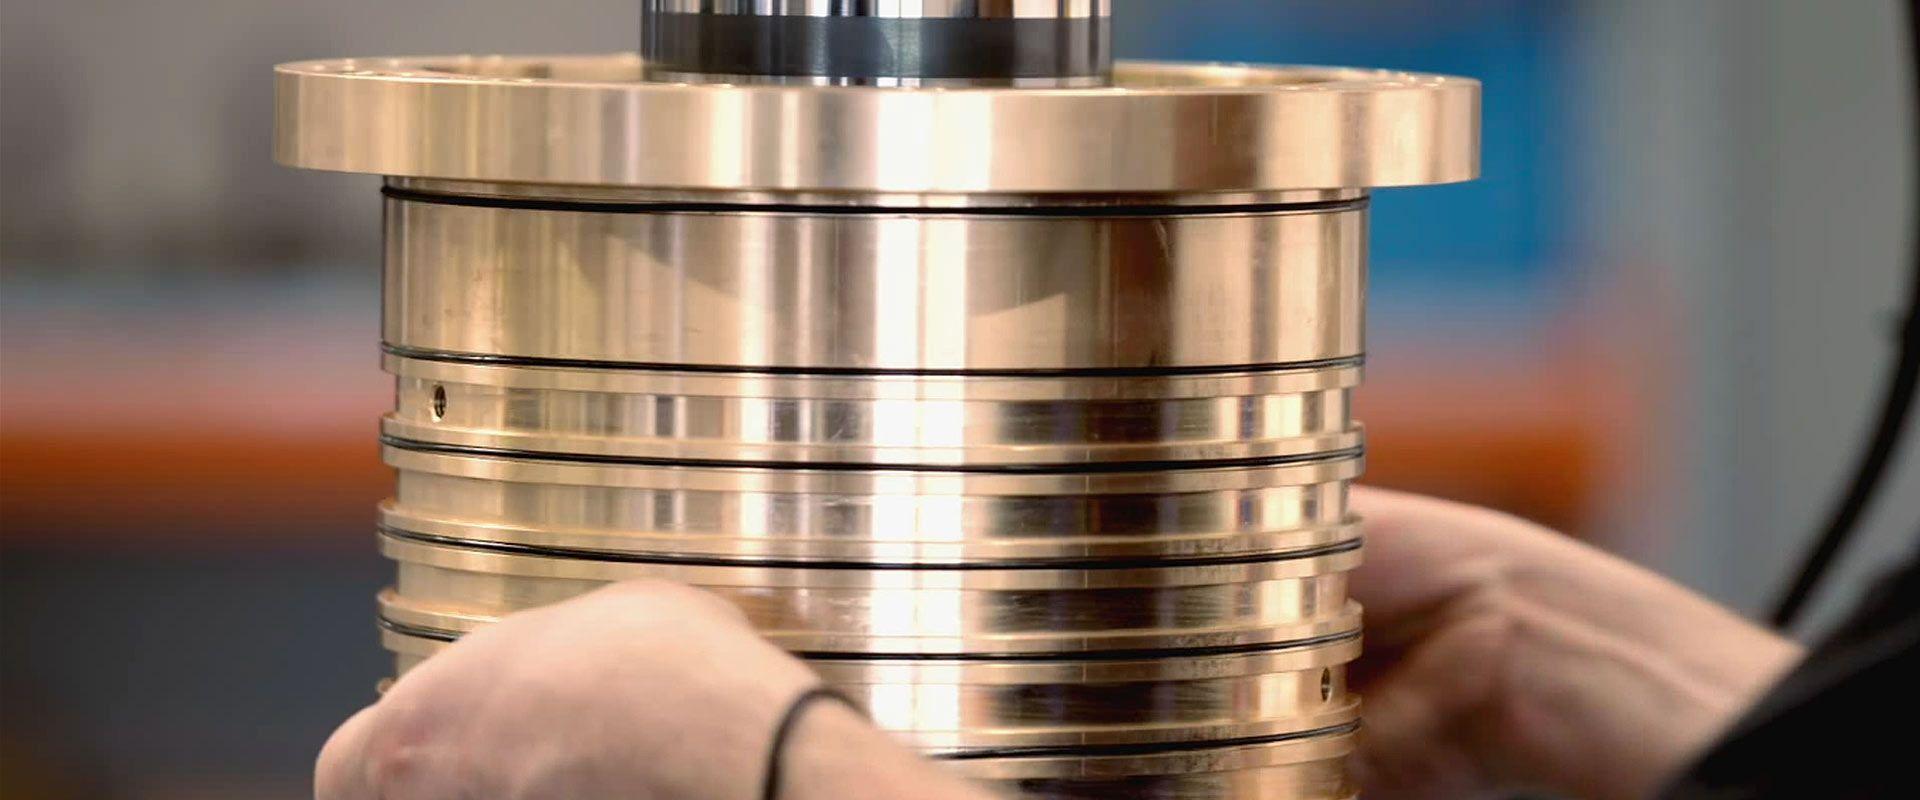 Unternehmensvideo SPL | Videoproduktion Sachsen